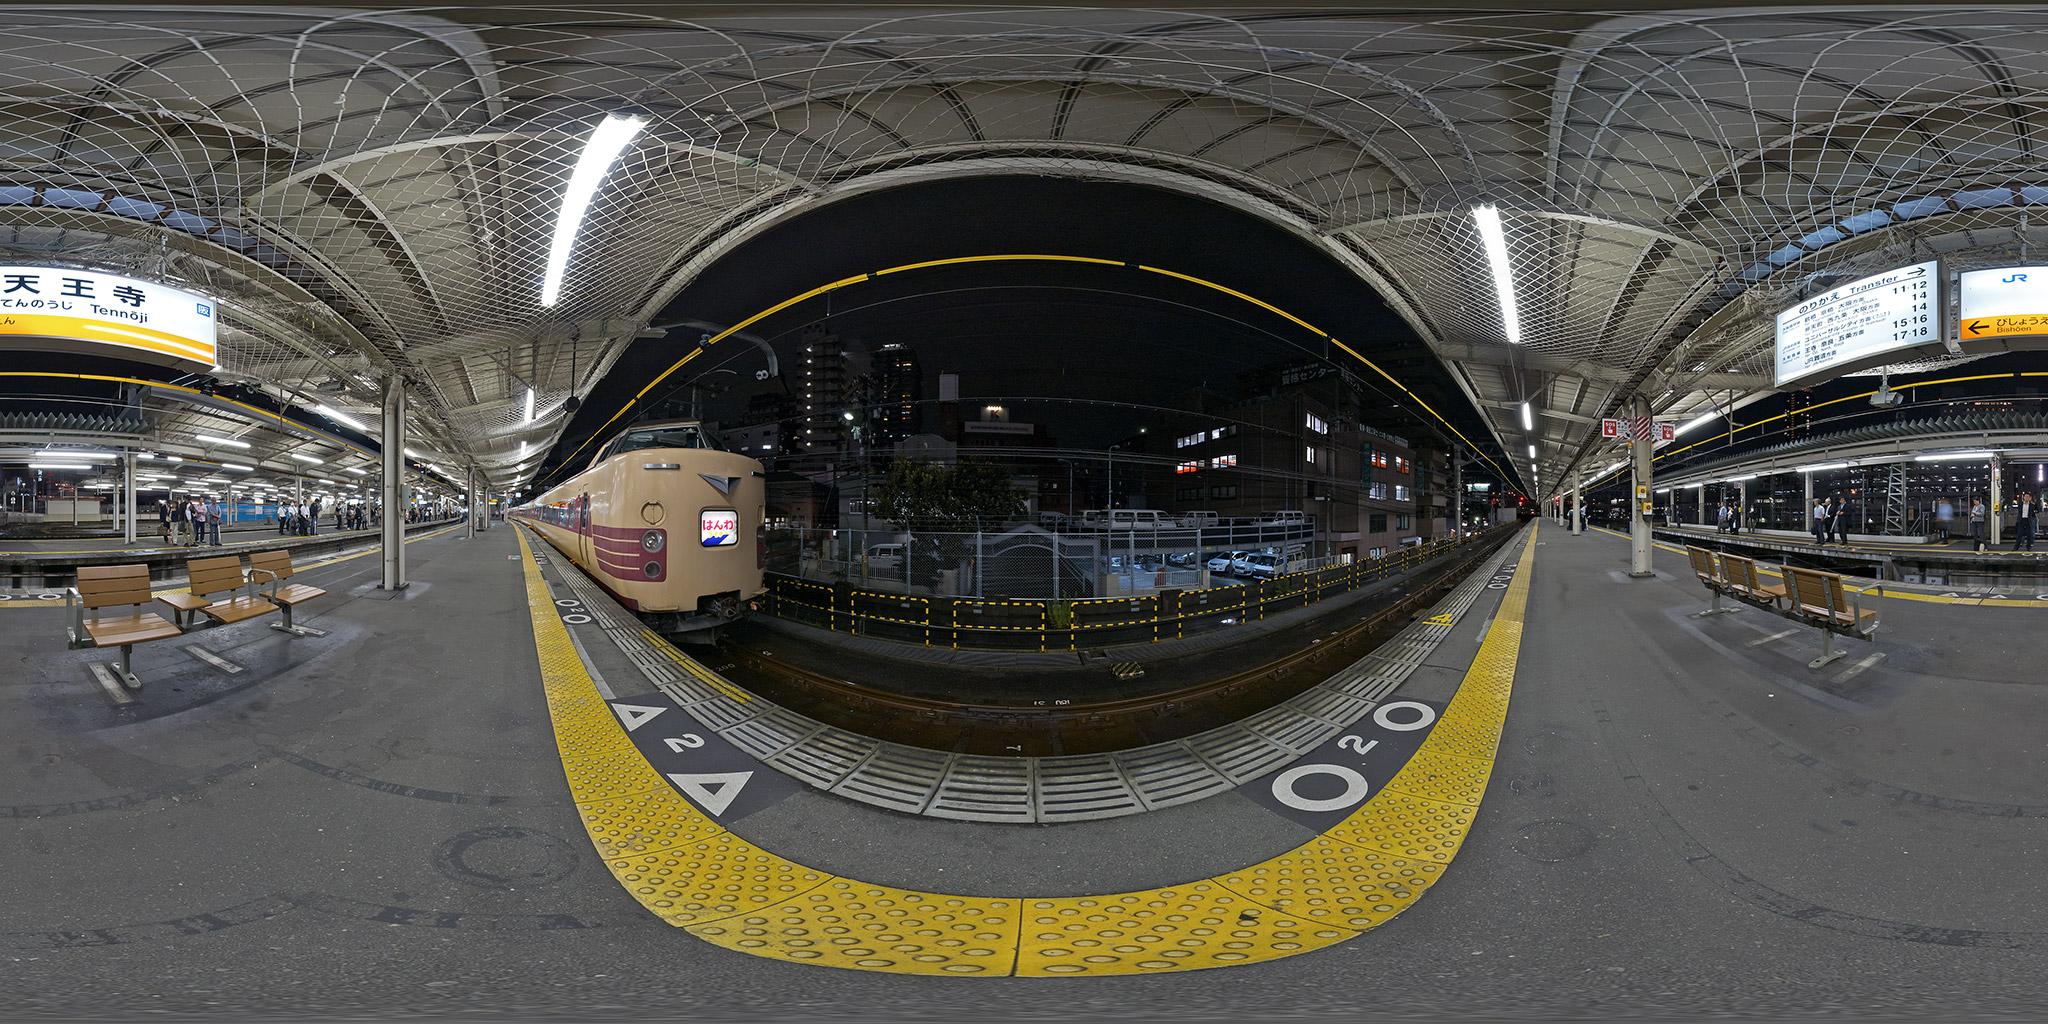 天王寺駅に停車中の381系C603編成「はんわライナー」